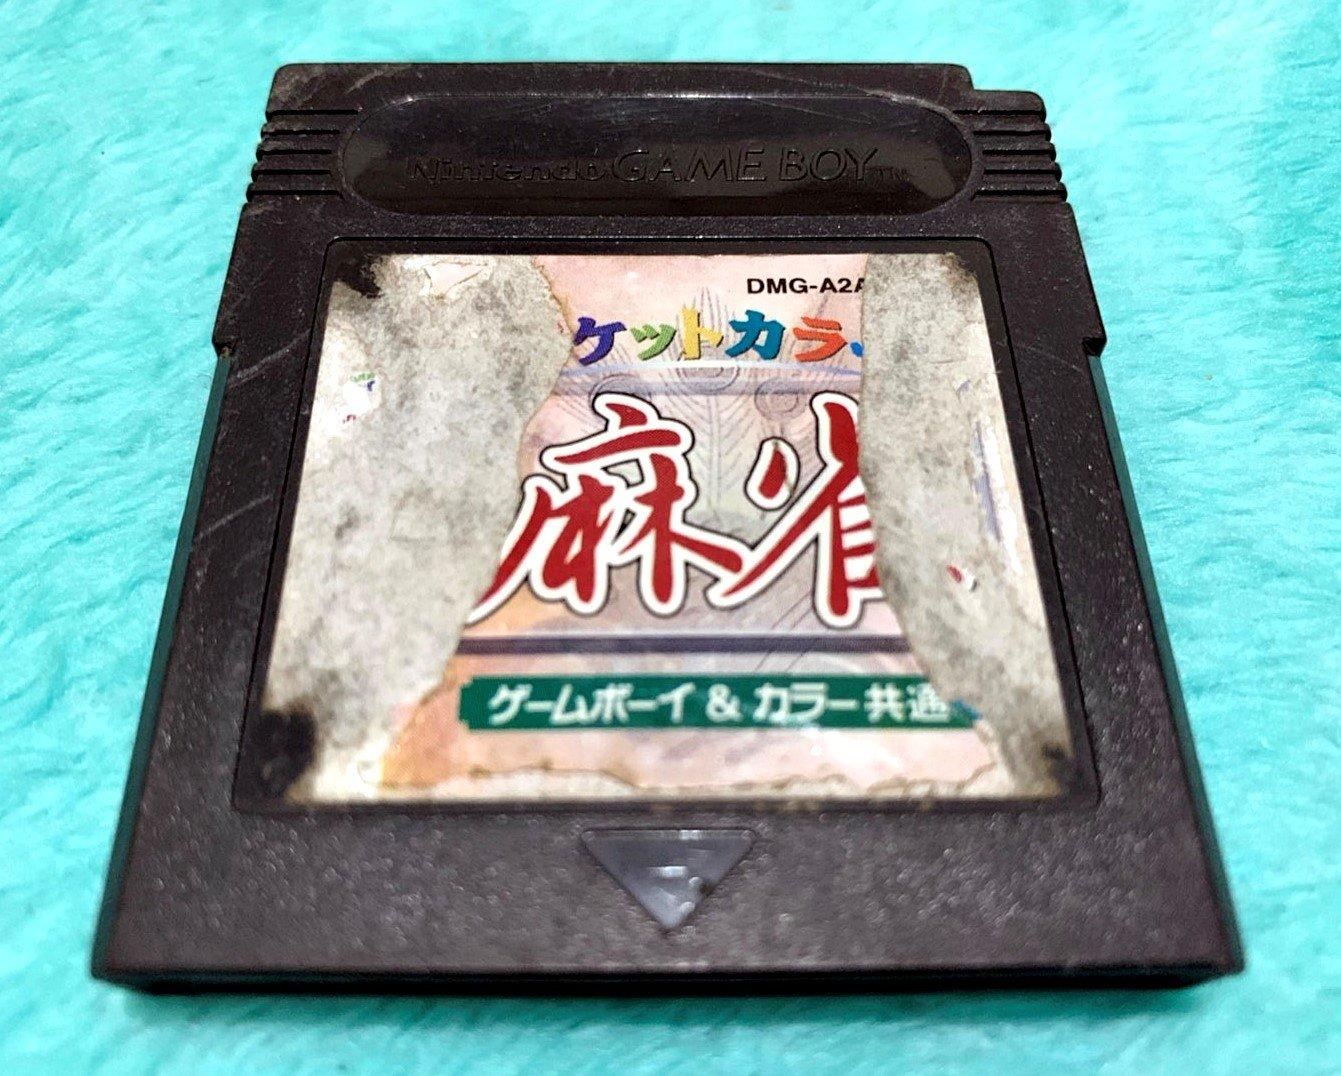 幸運小兔 GBC遊戲 GB 麻雀 彩色版 麻將 任天堂 GameBoy GBA SP 適用 F2